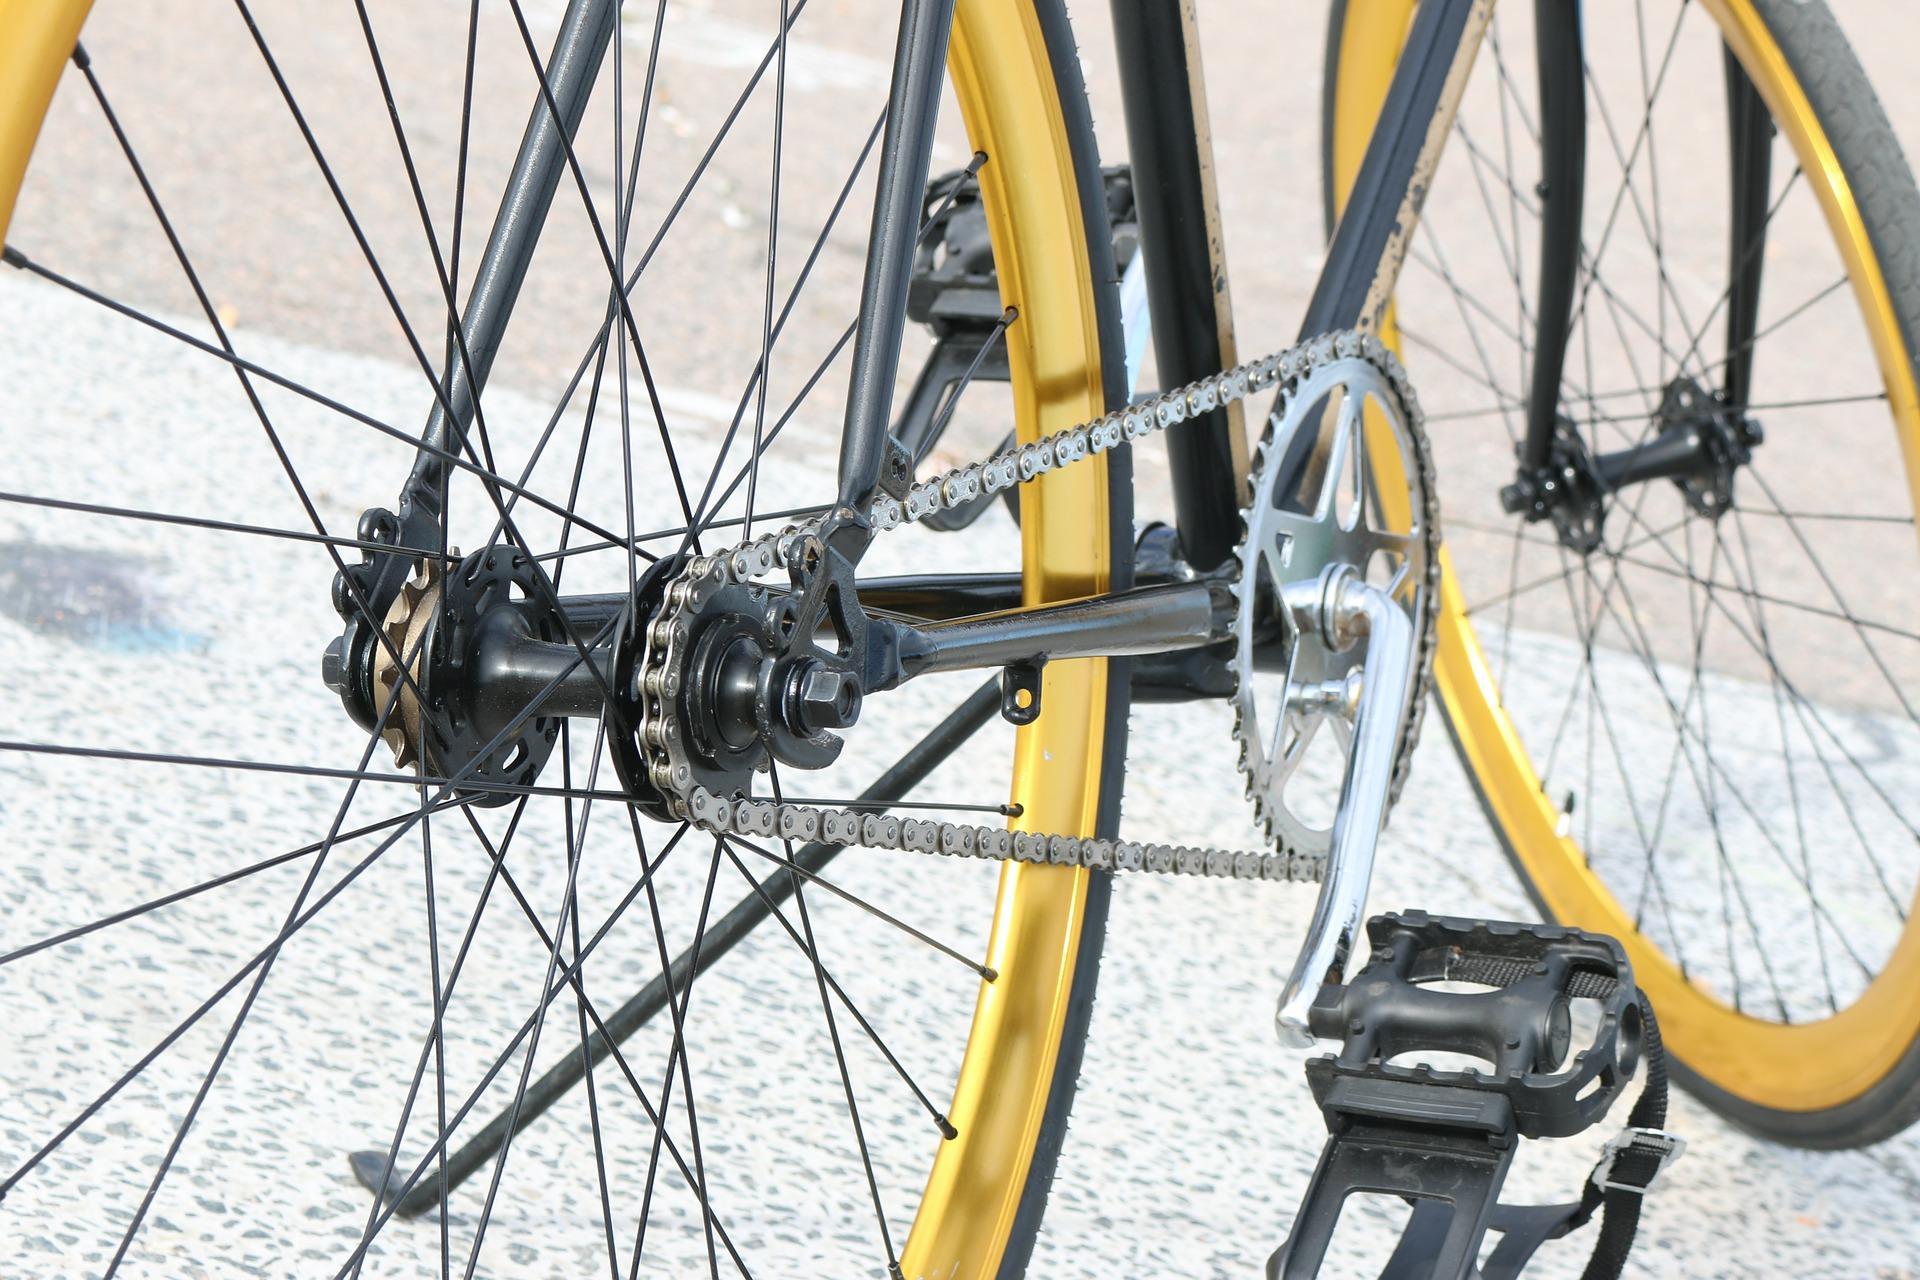 bike pedal mce_tsrc=